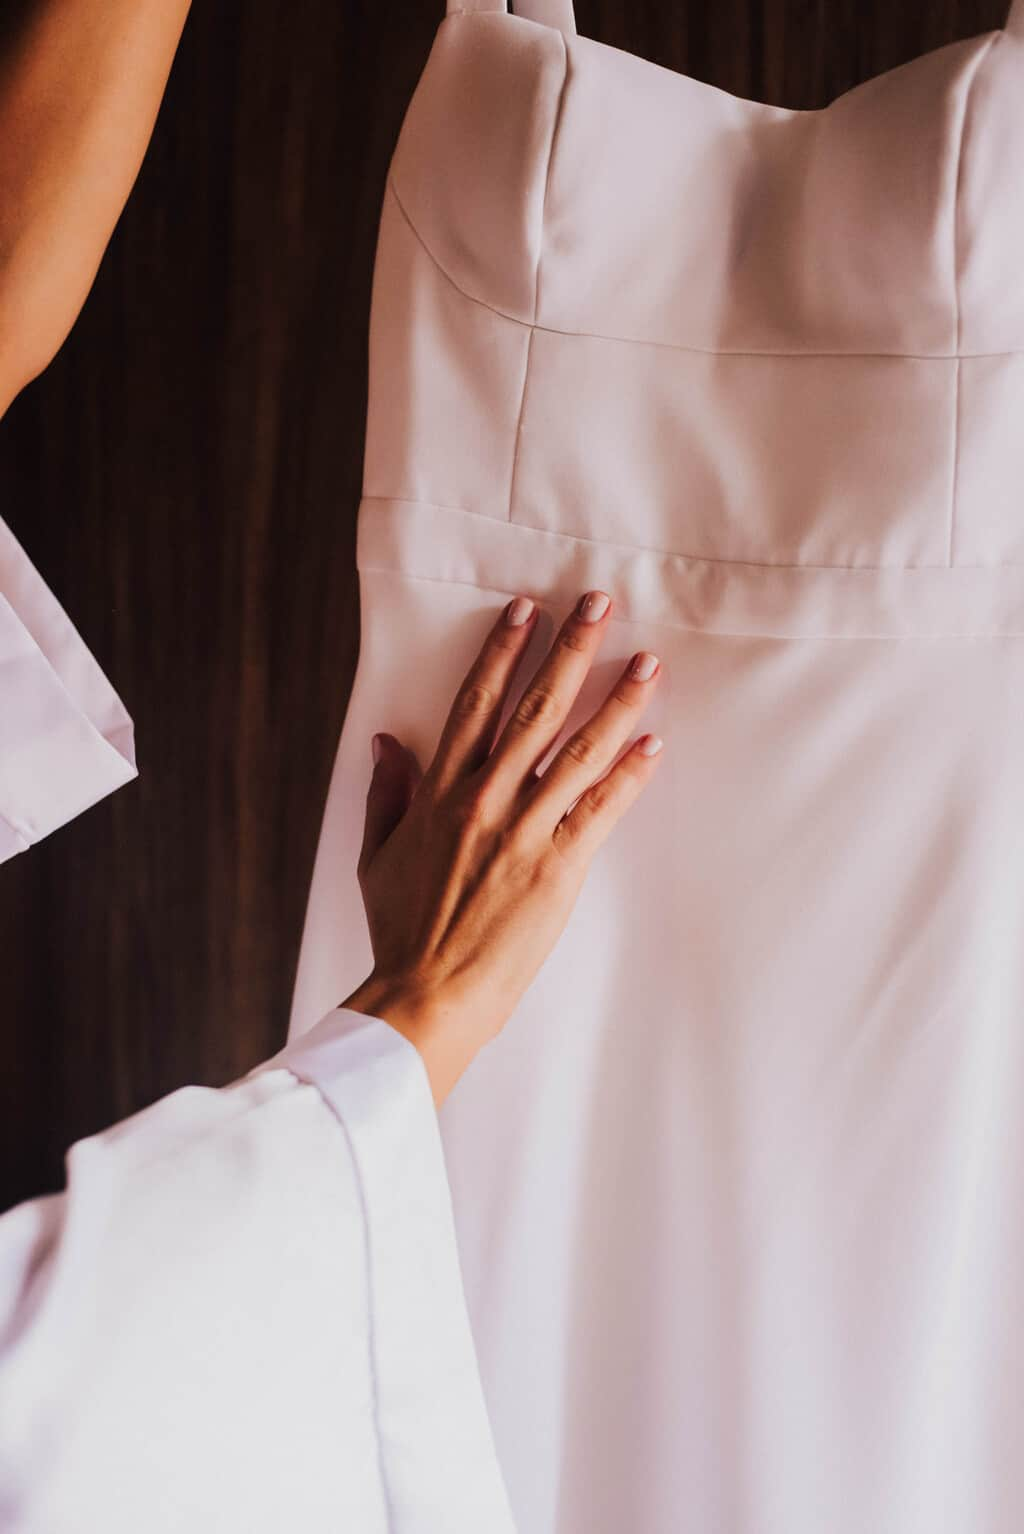 casamento-Maitê-e-Breno-Hotel-Timbó-Park-making-of-vestido-de-noiva-Fotografia-Mana-Gollo12